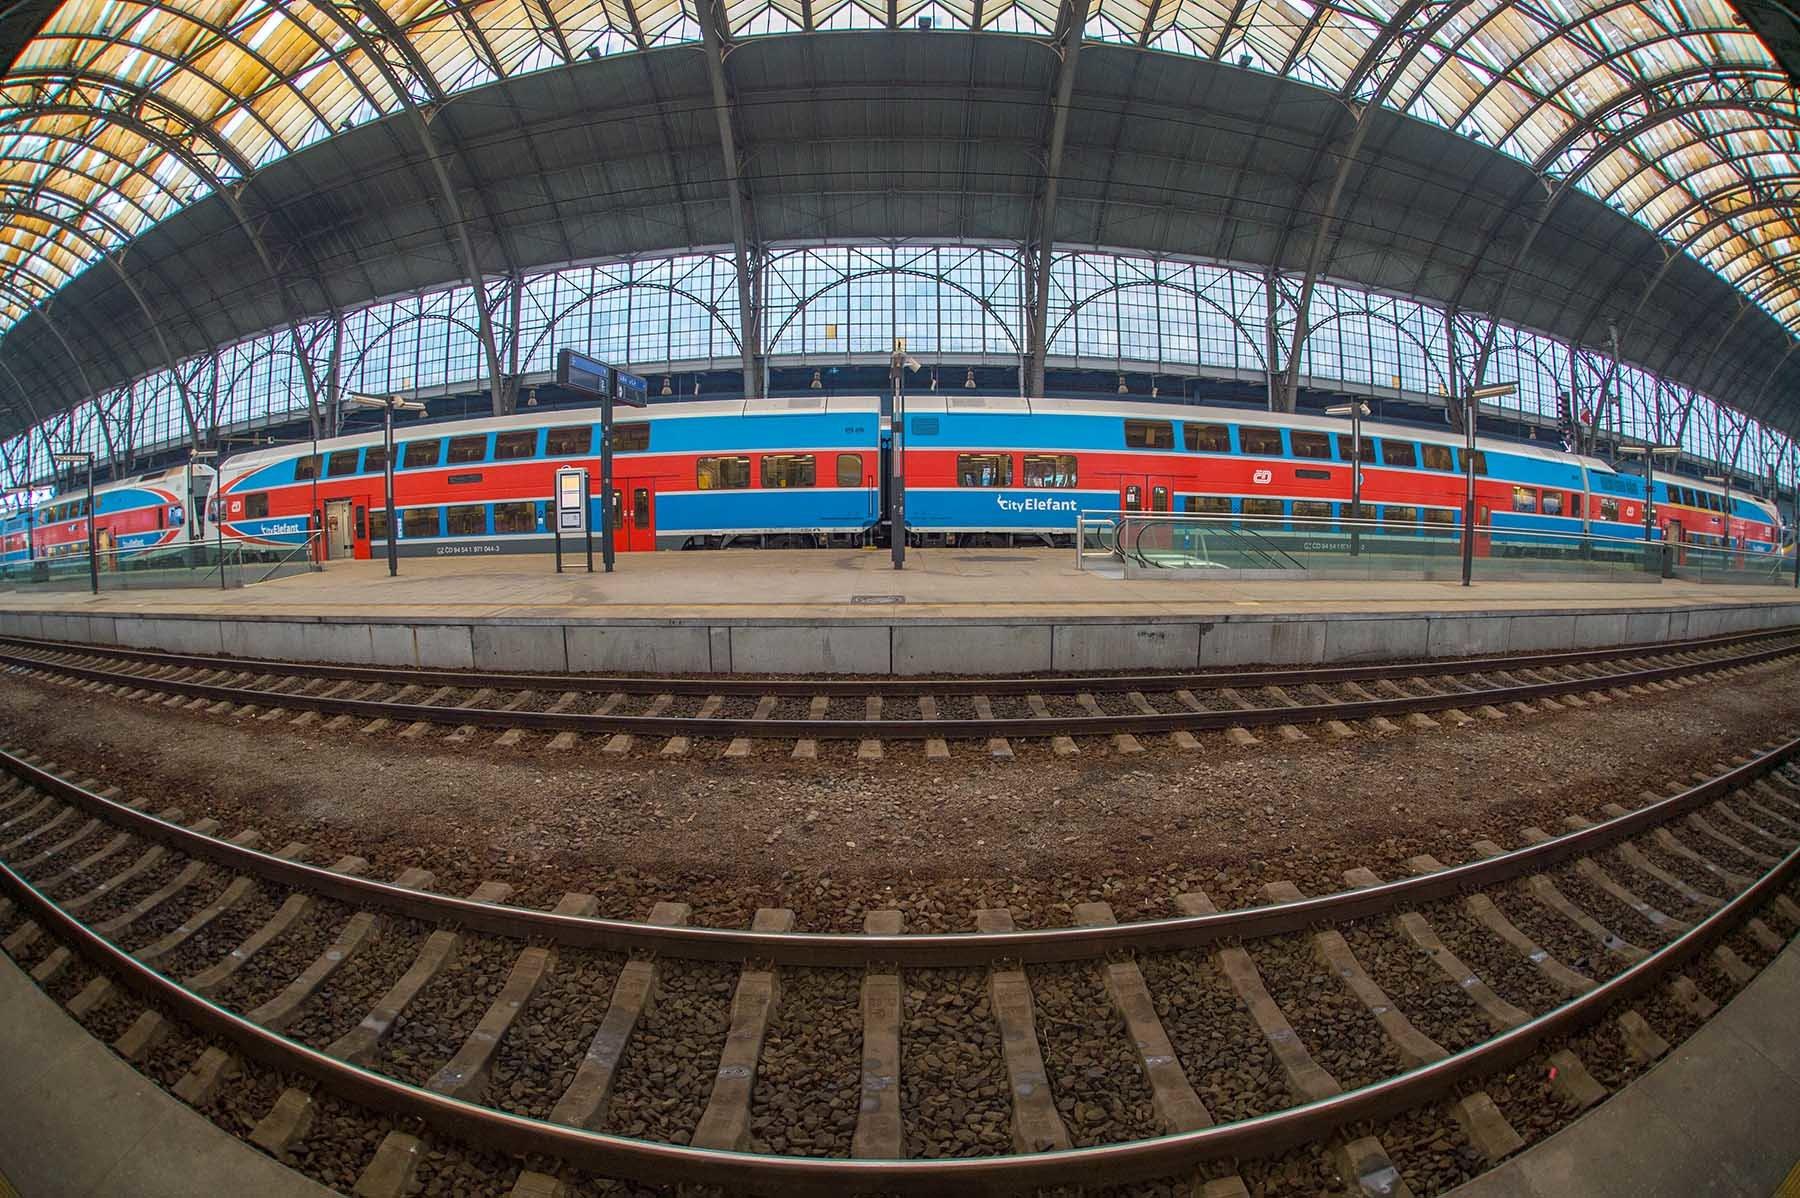 Pociąg na peronie dworca głównego w czeskiej Pradze.